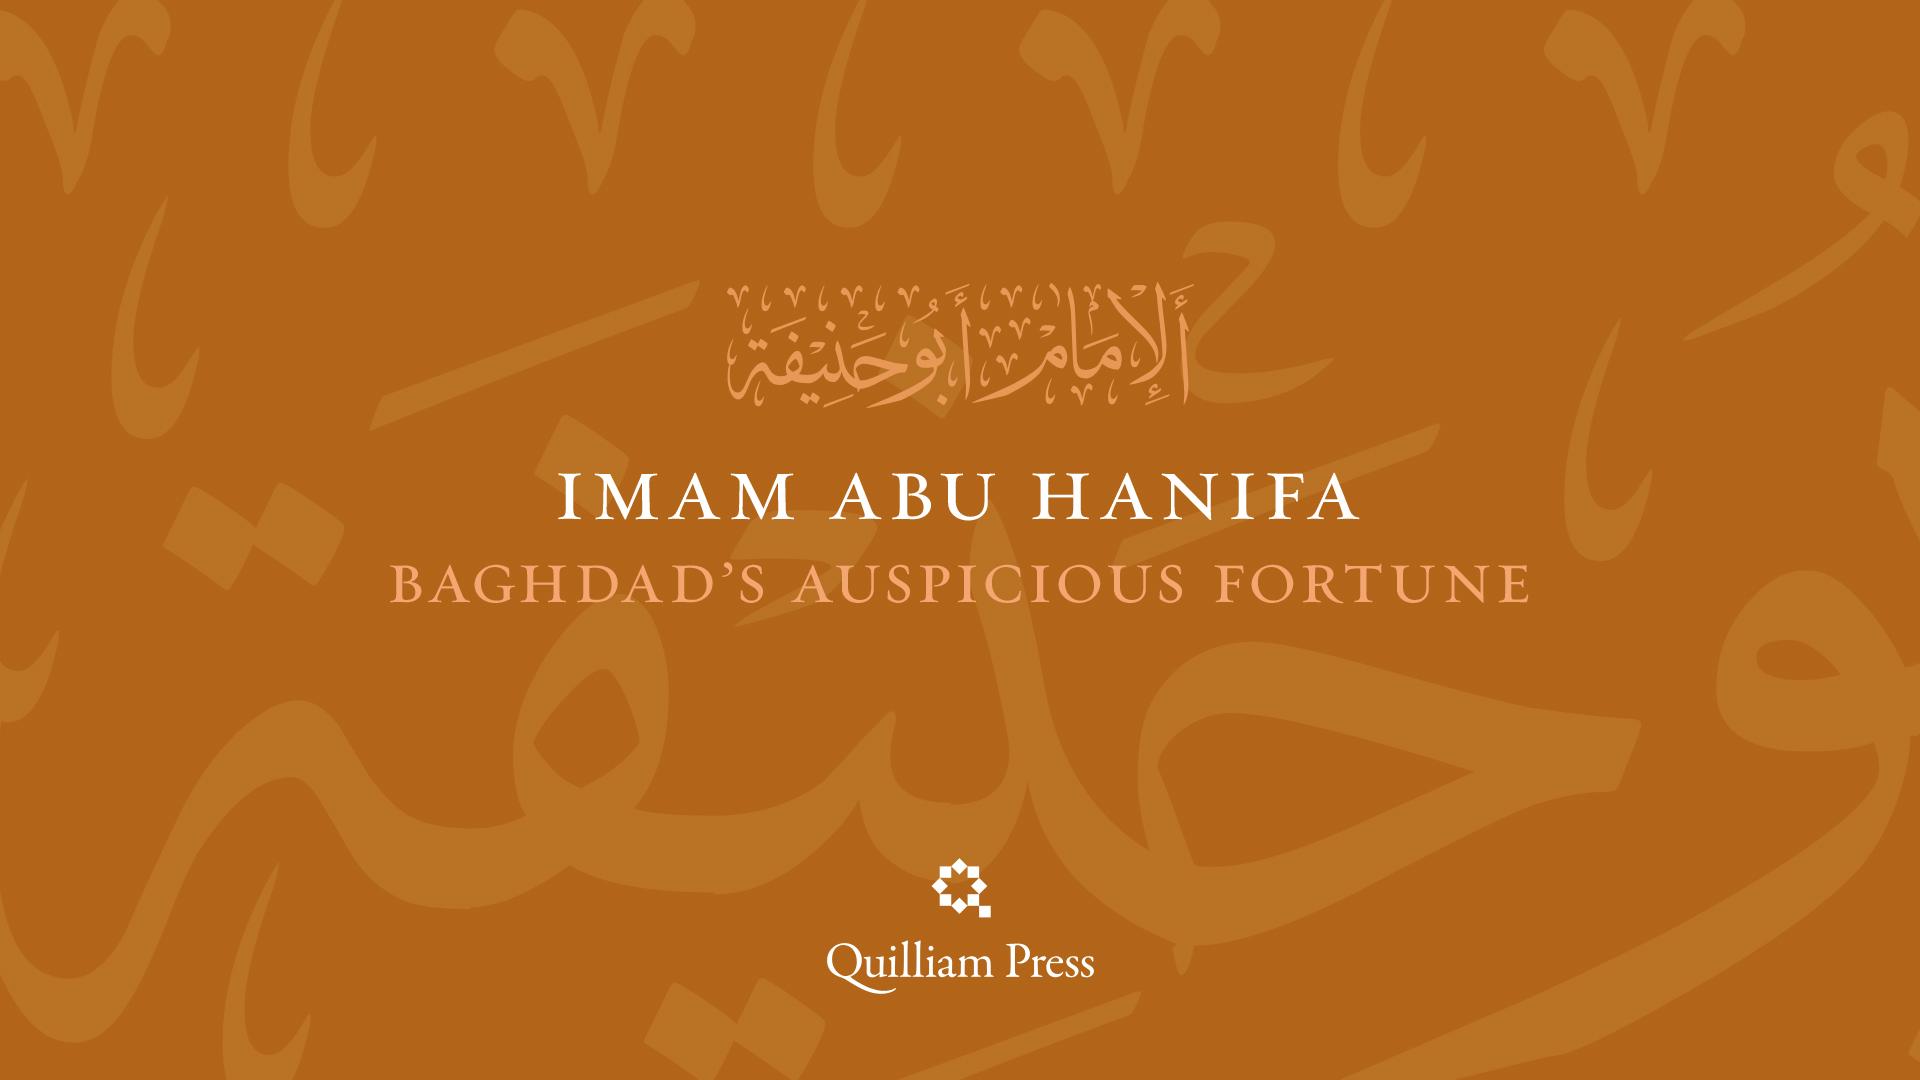 Quilliam_Press_Imam_Series_03.jpg